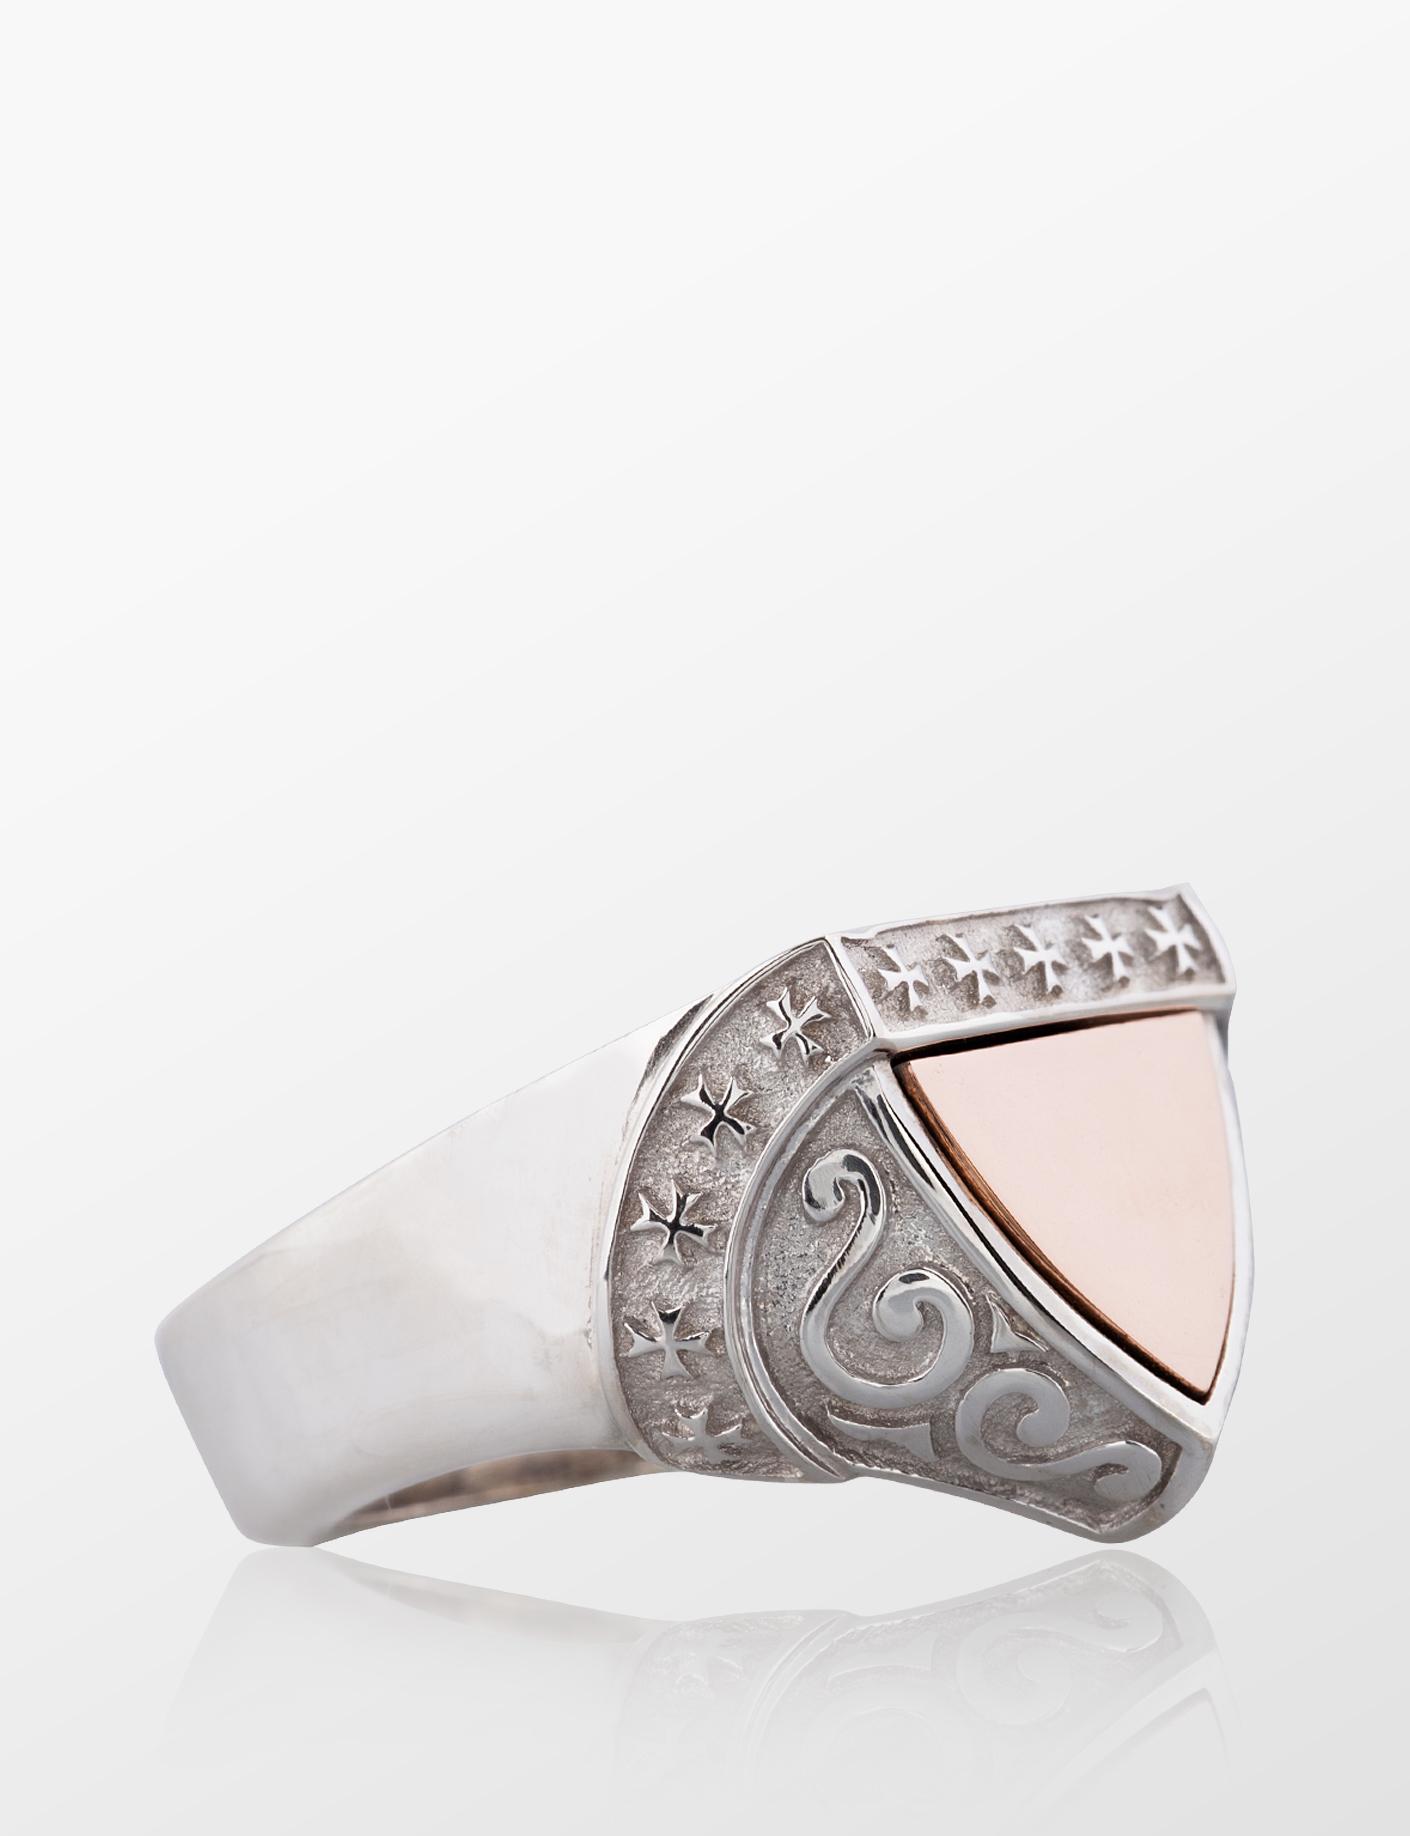 tyran jewelry shield ring kalkan yüzük erkek kadın mücevher